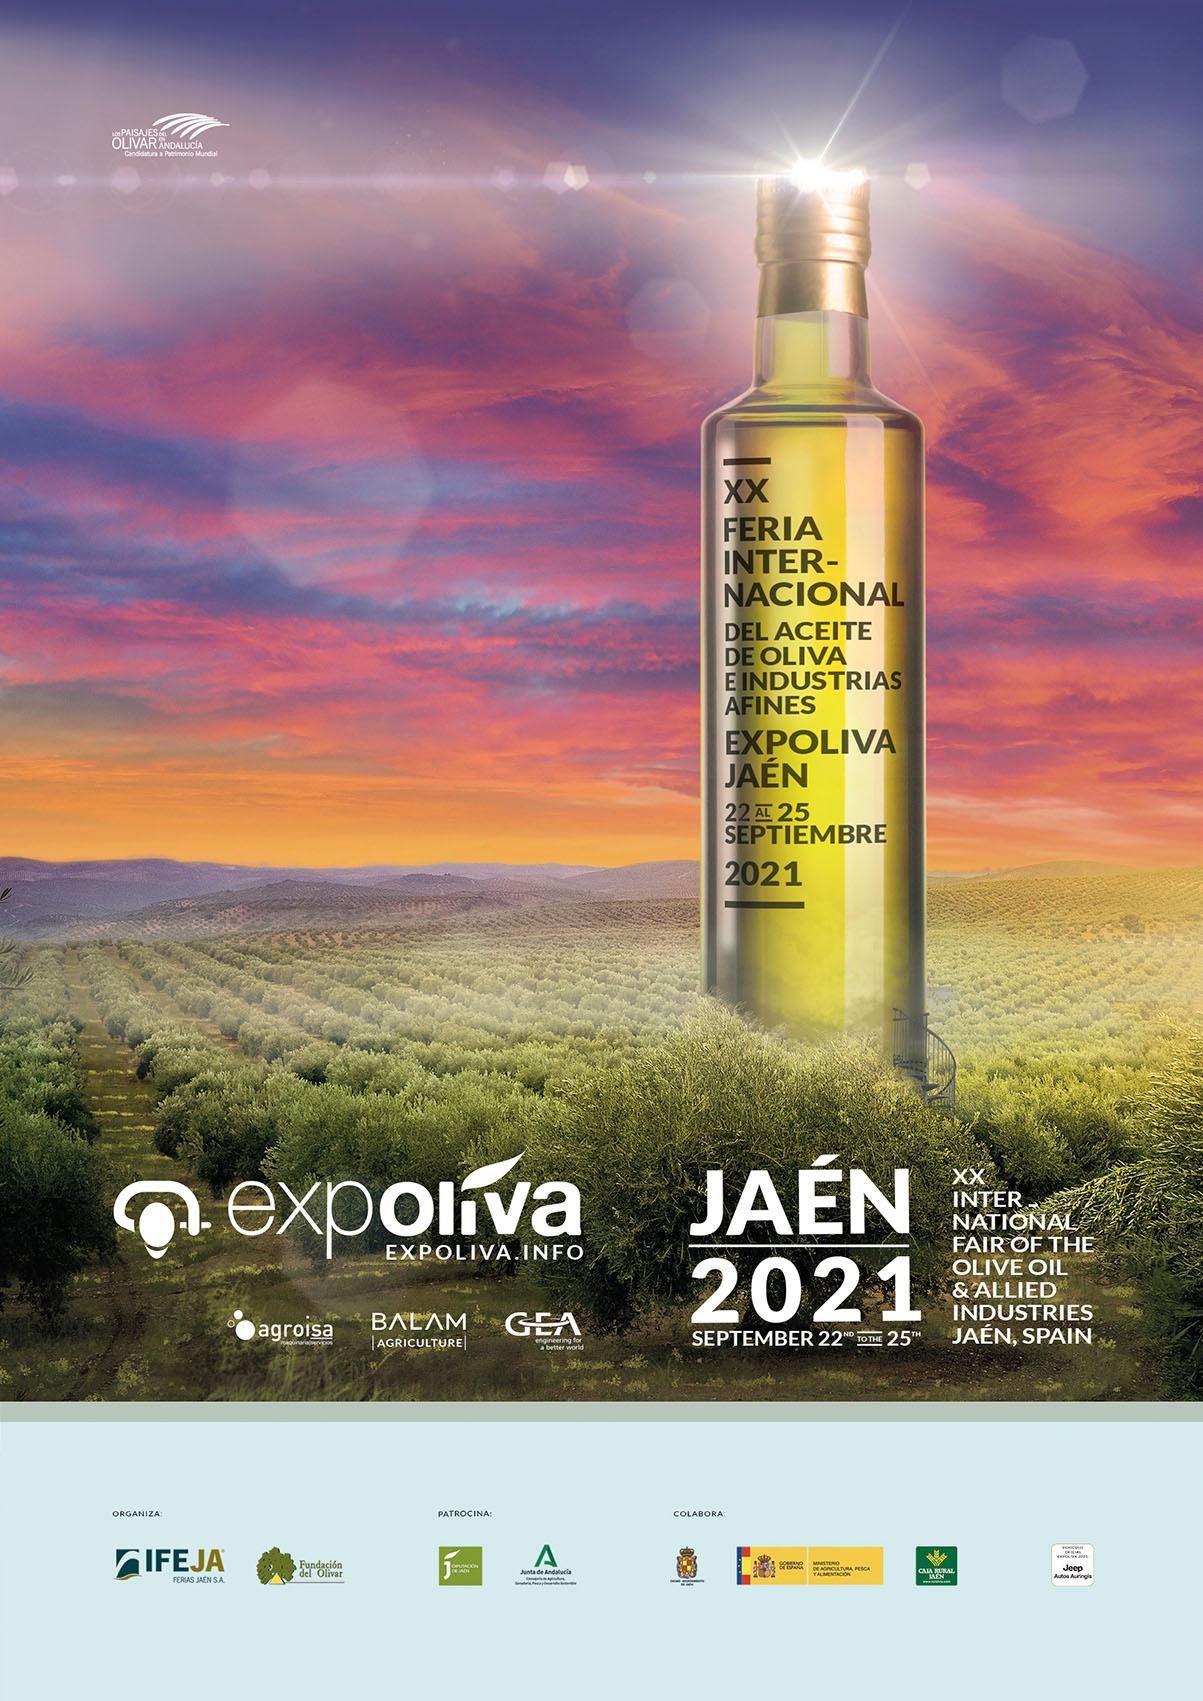 Los organizadores de Expoliva determinan que la feria se celebrará del 22 al 25 de septiembre, acort